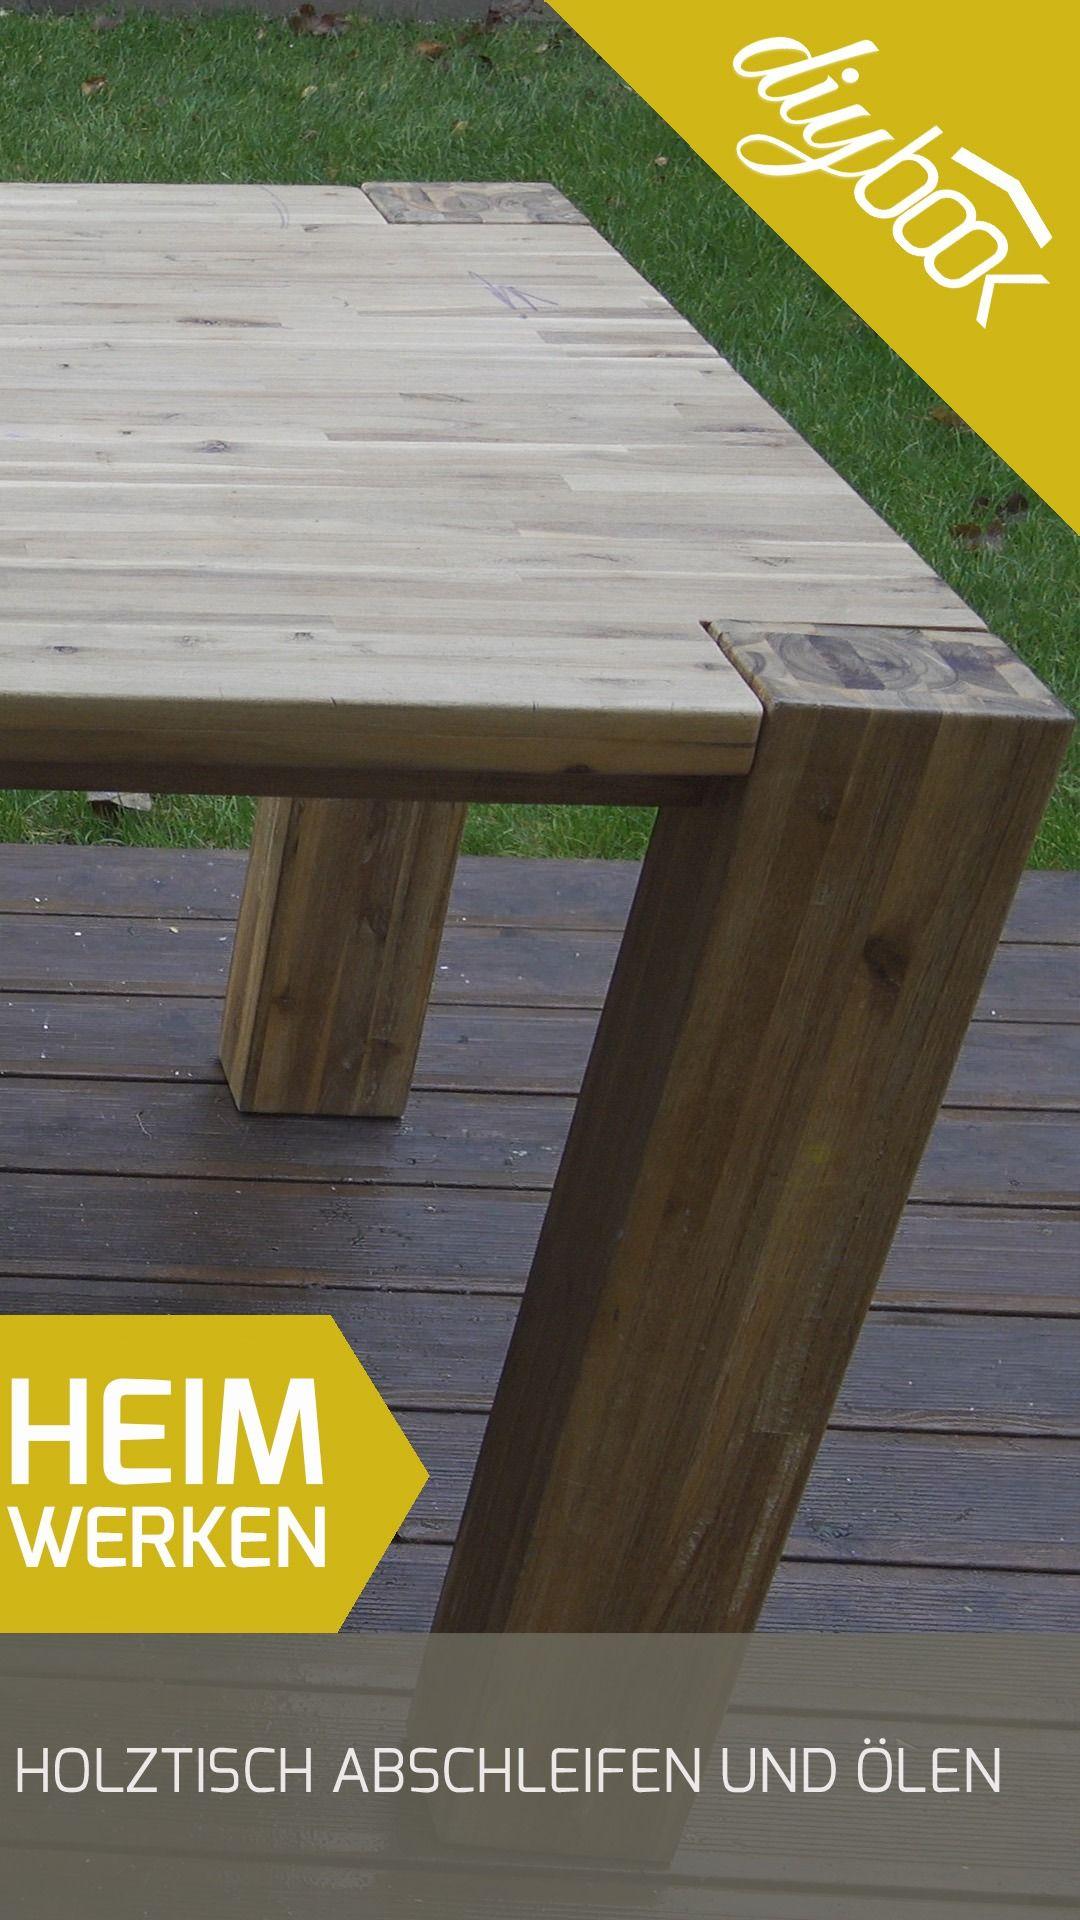 Holztisch abschleifen und ölen: Eine umfangreiche Anleitung von